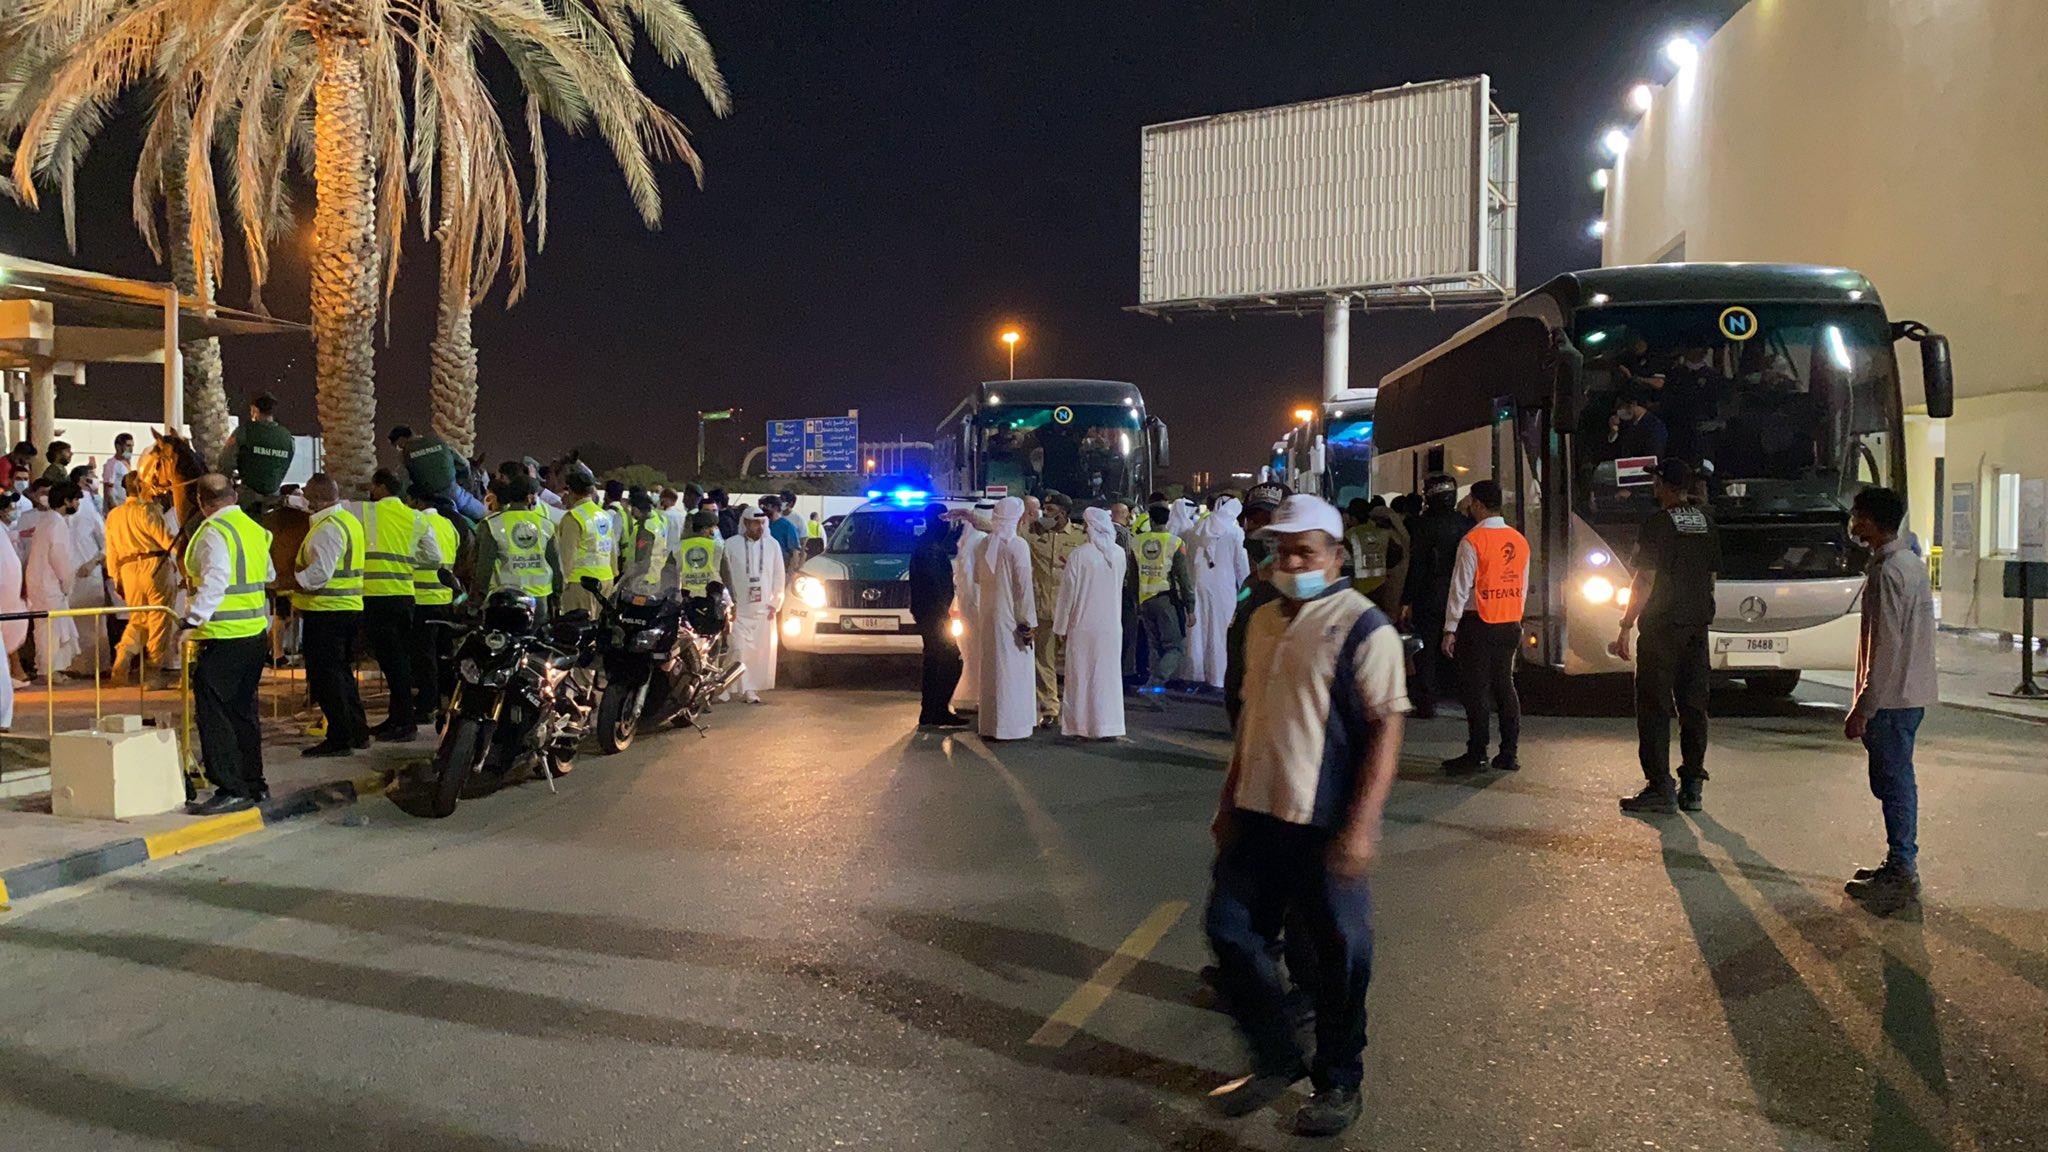 """بالفيديو   إشكال بين لاعبين عراقيين وجمهورهم في الإمارات.. وأغرب رياضة ممكن أن تسمع بها لعبة """"الكونكر"""""""